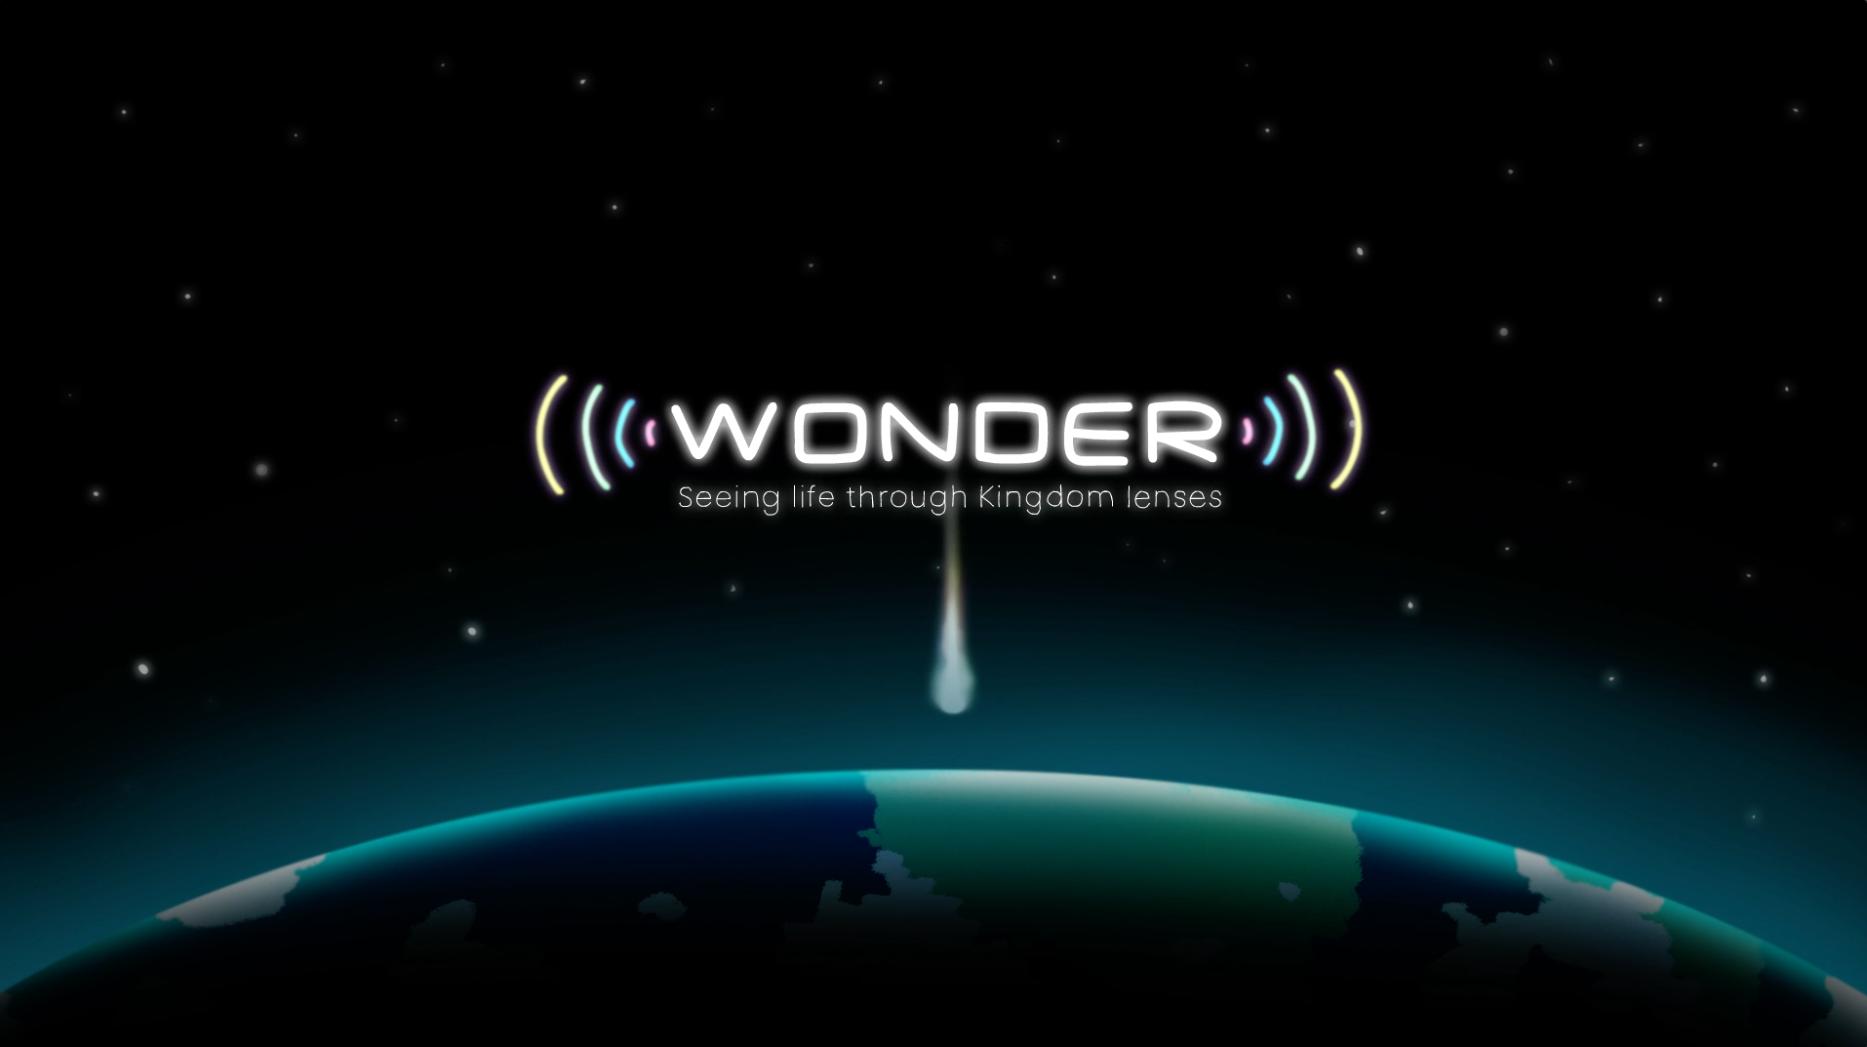 WONDER_final graphic 16x9